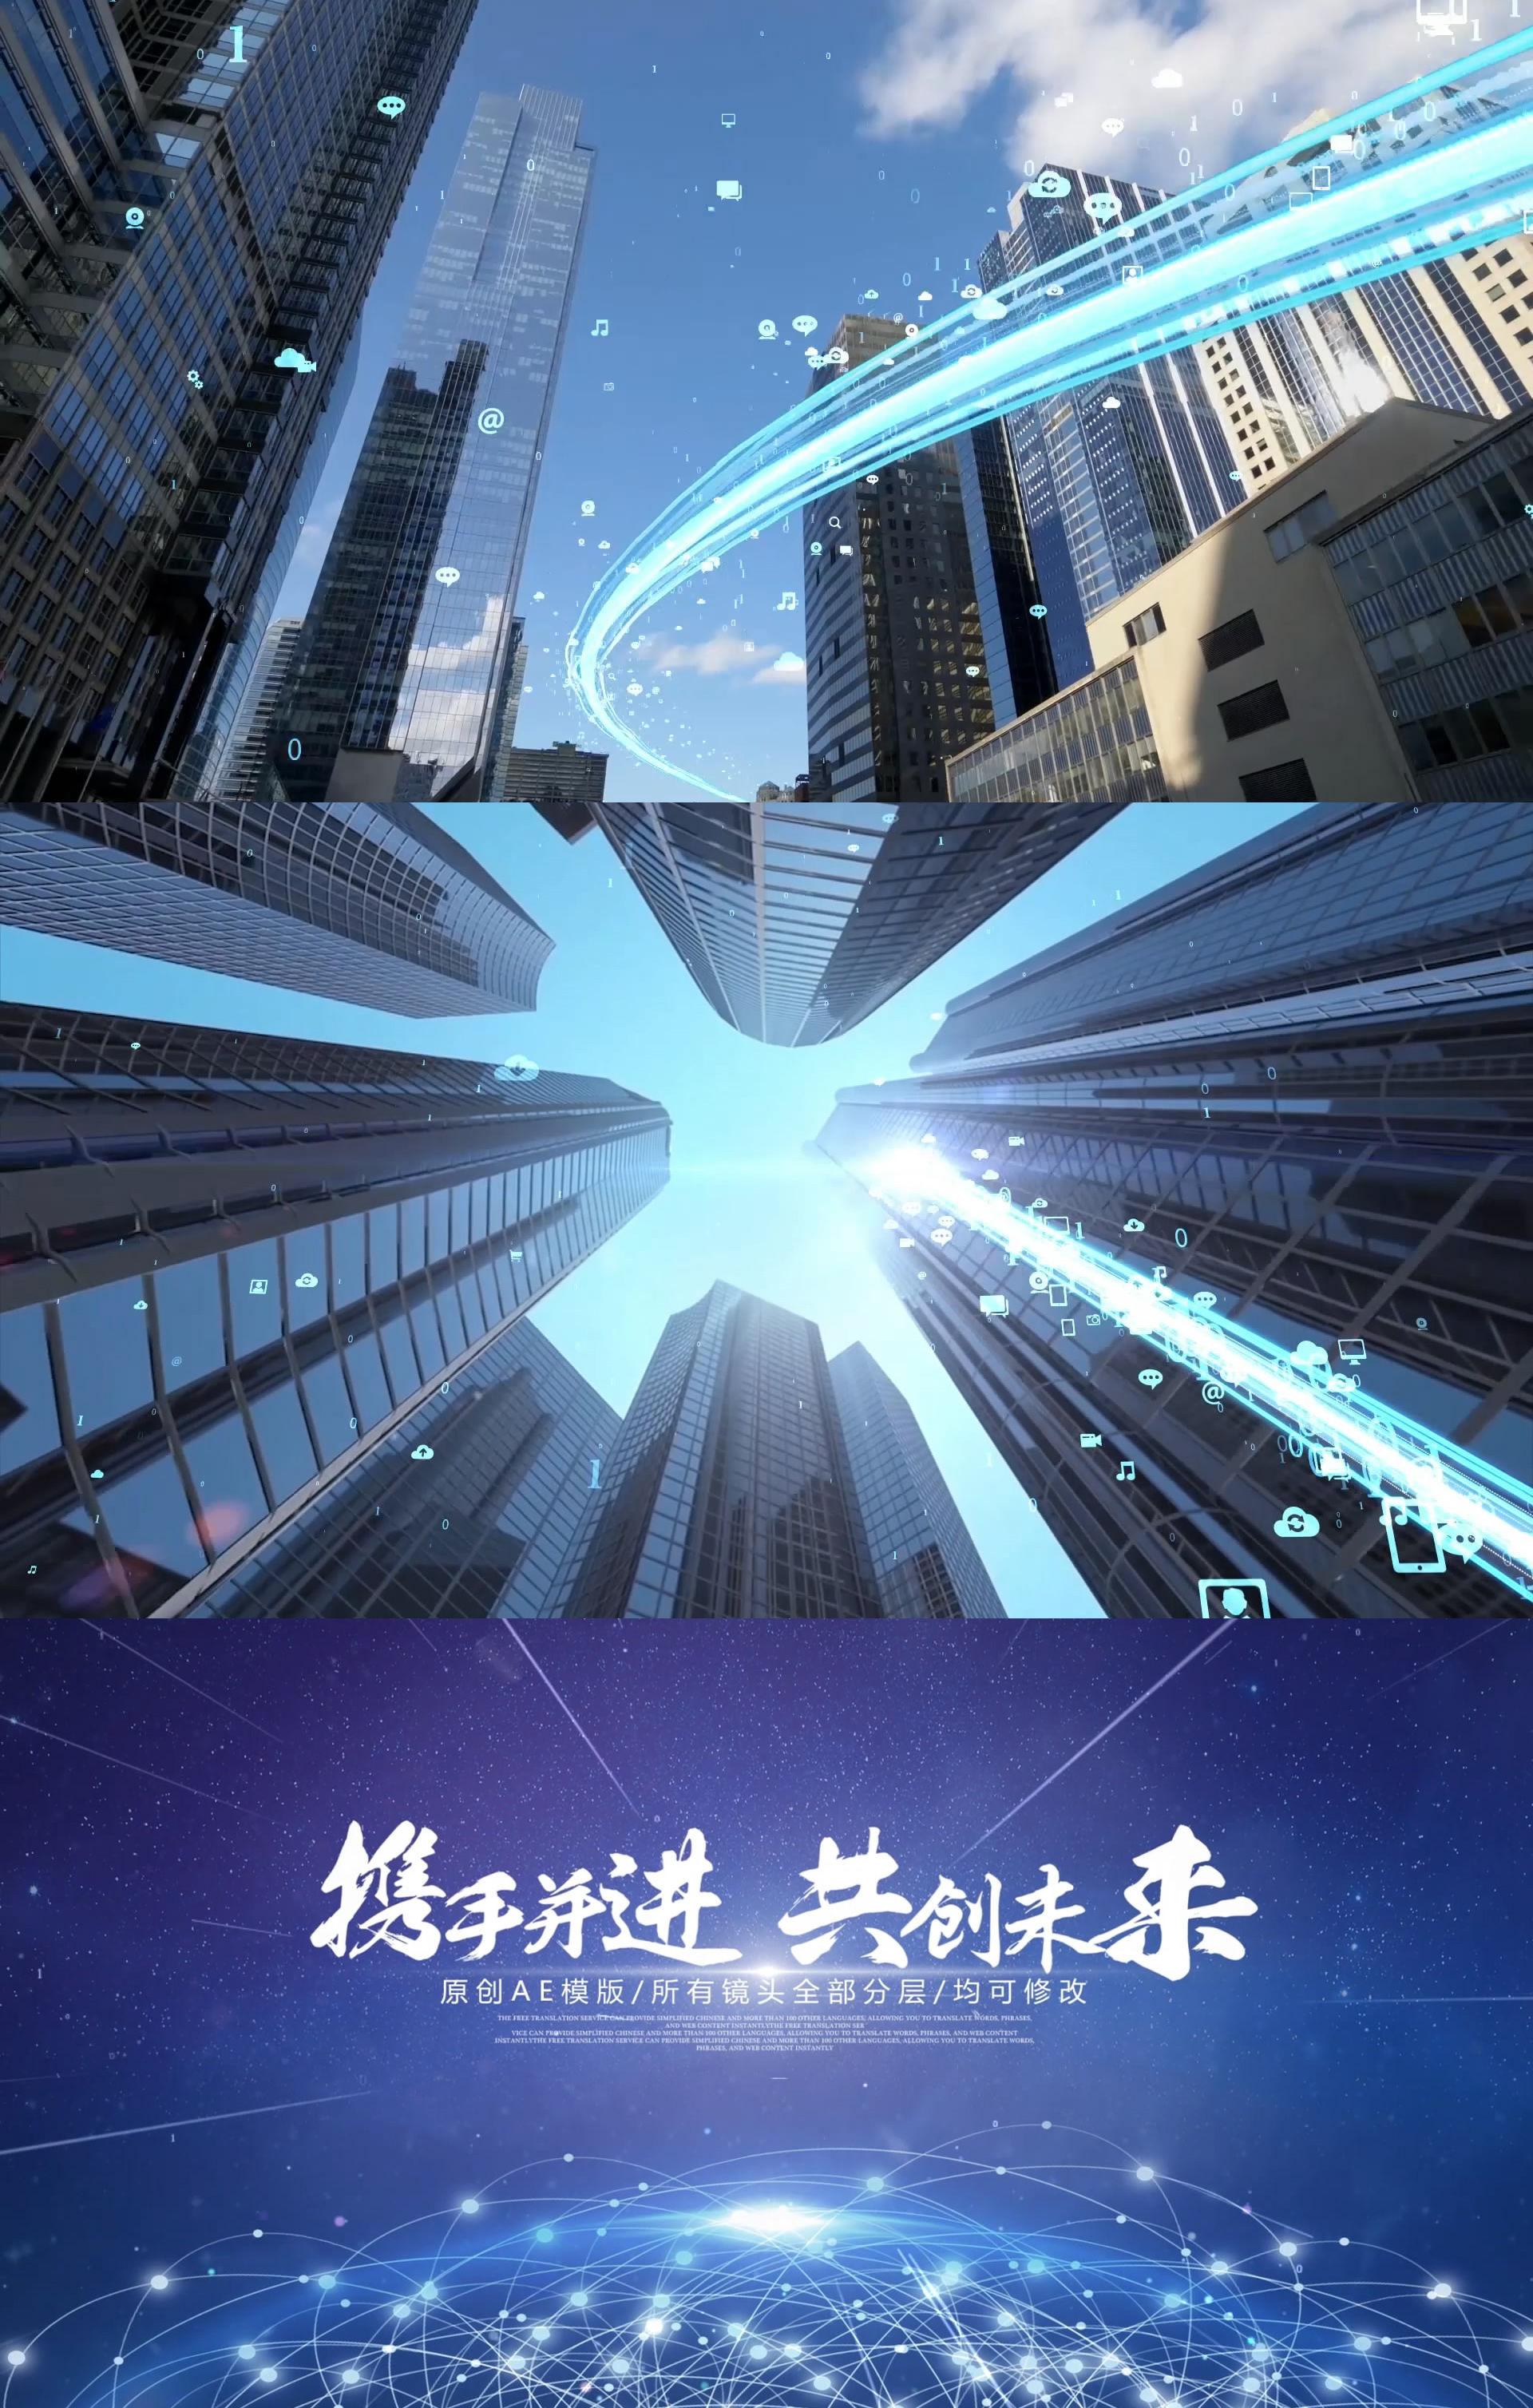 【原创】大气城市科技光线穿梭片头